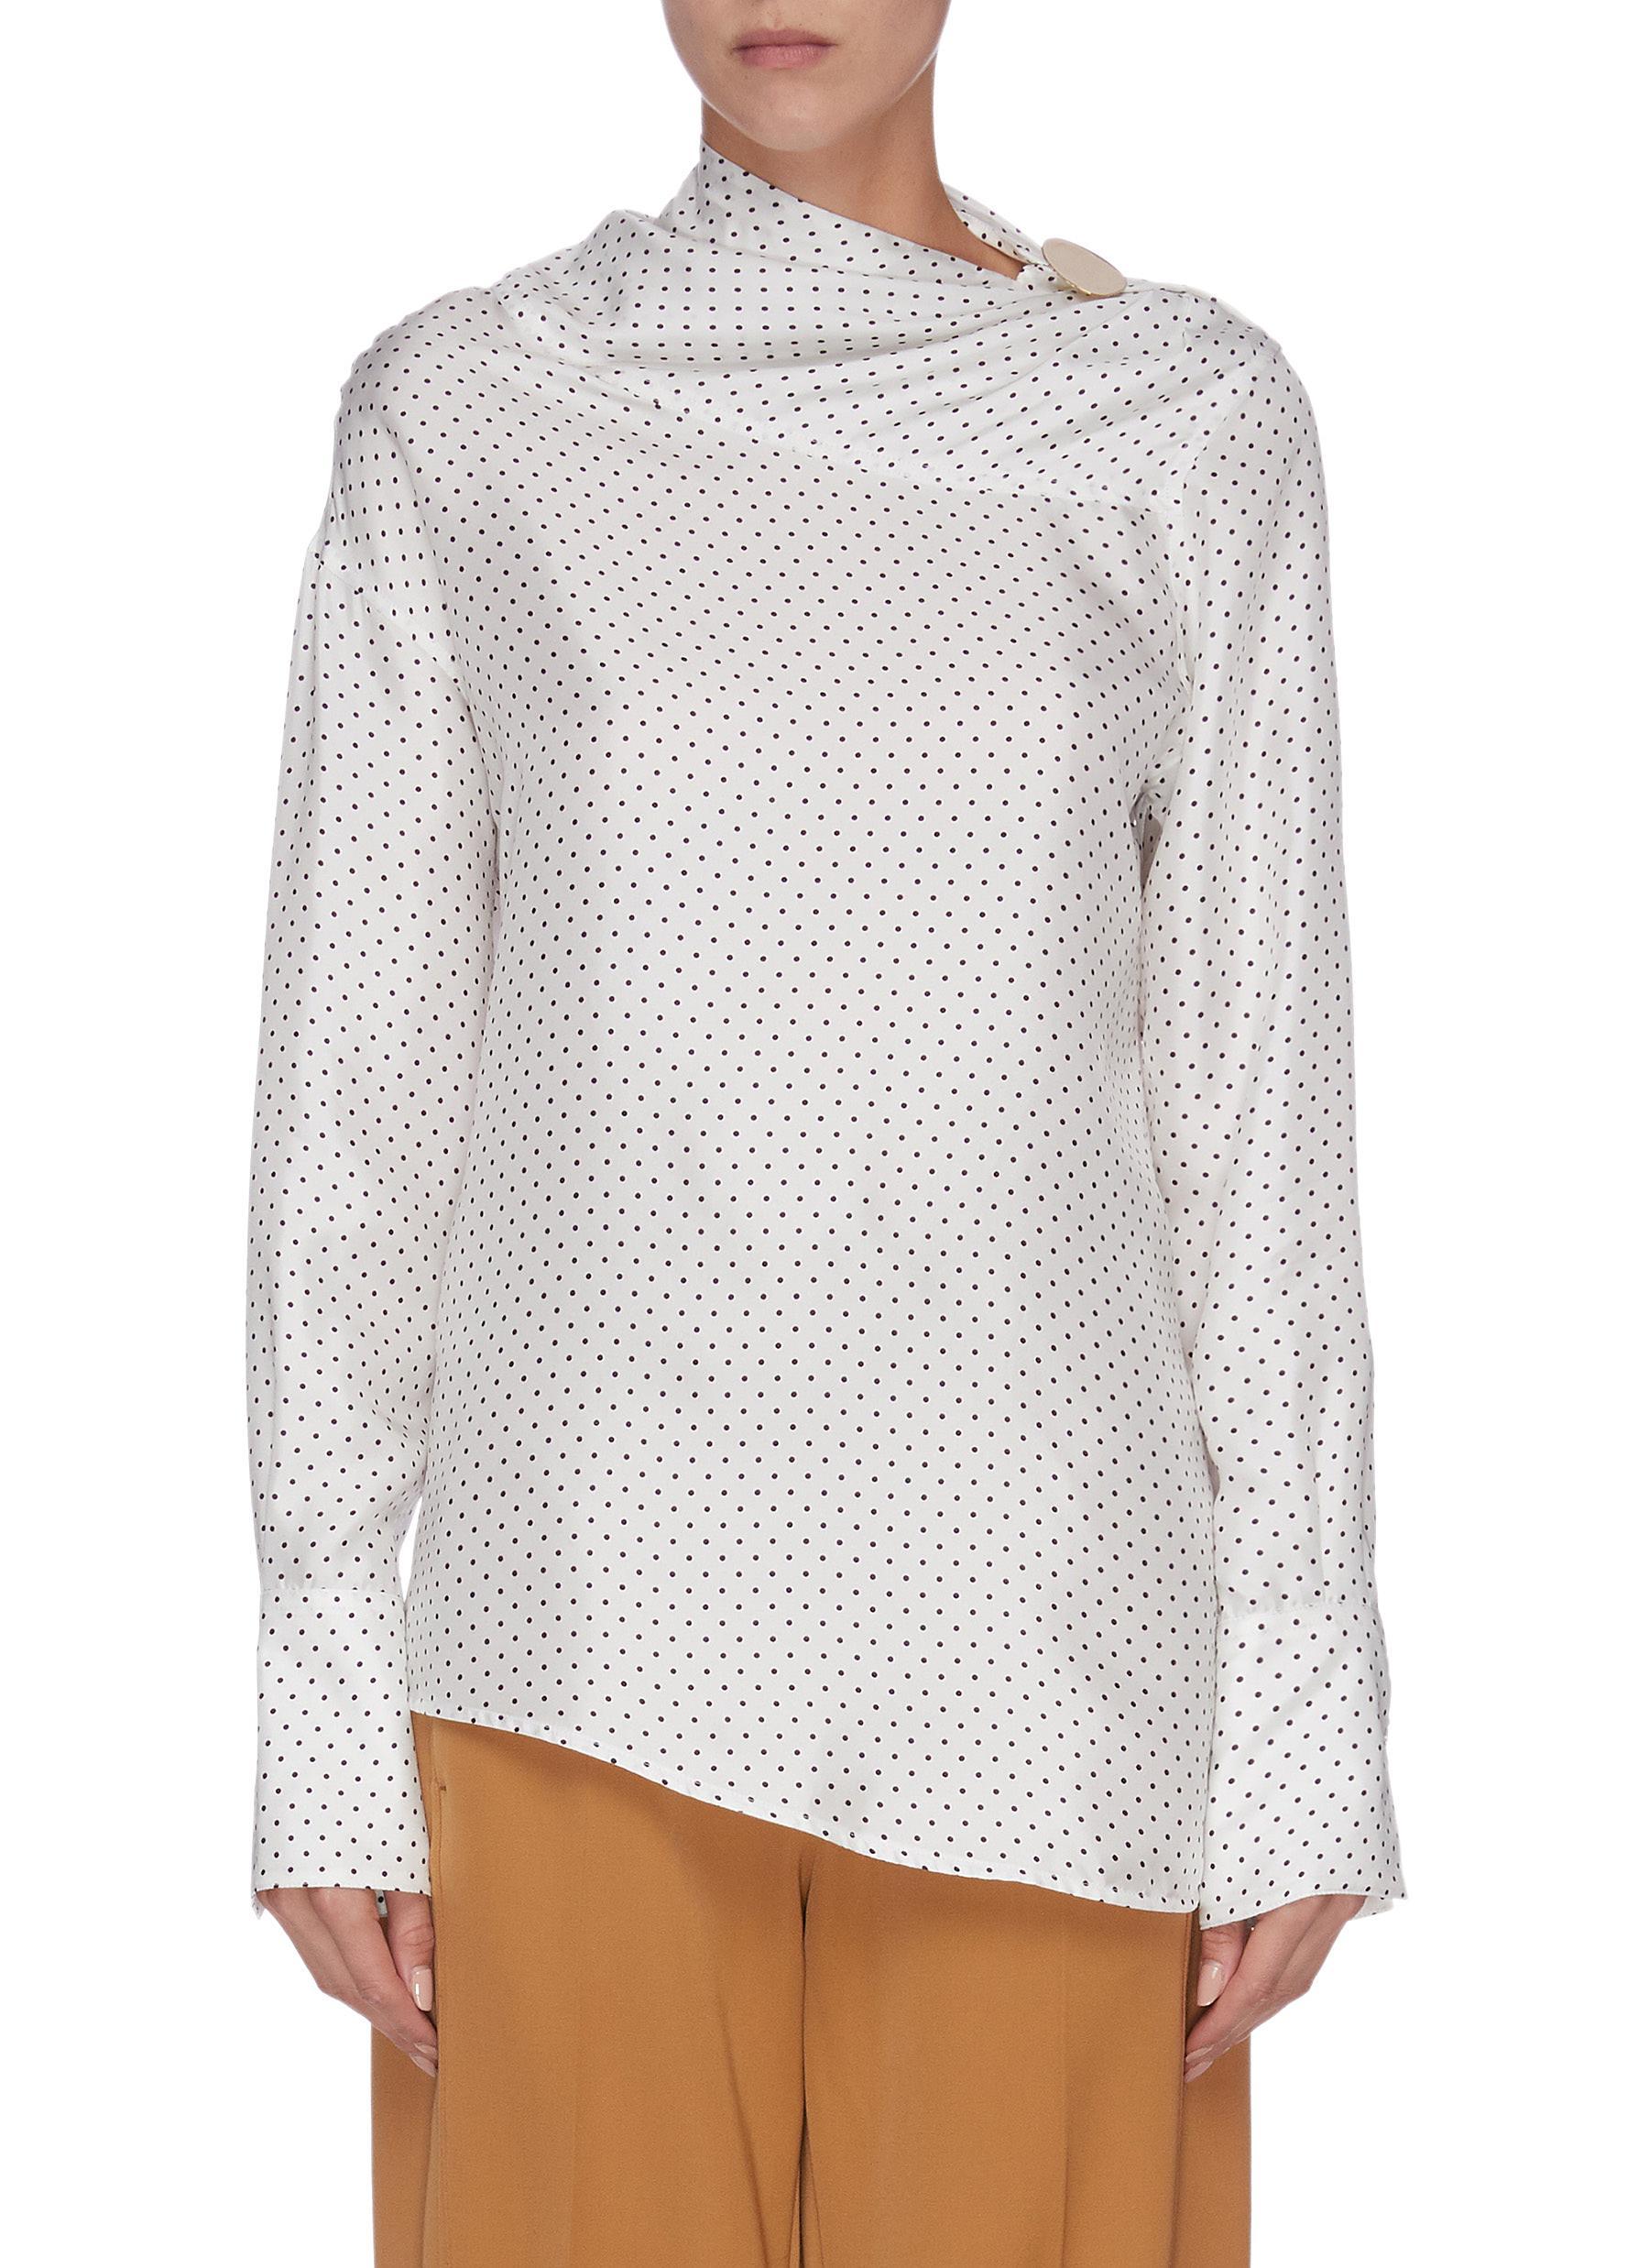 Asymmetric drape neck polka dot print blouse by Victoria Beckham